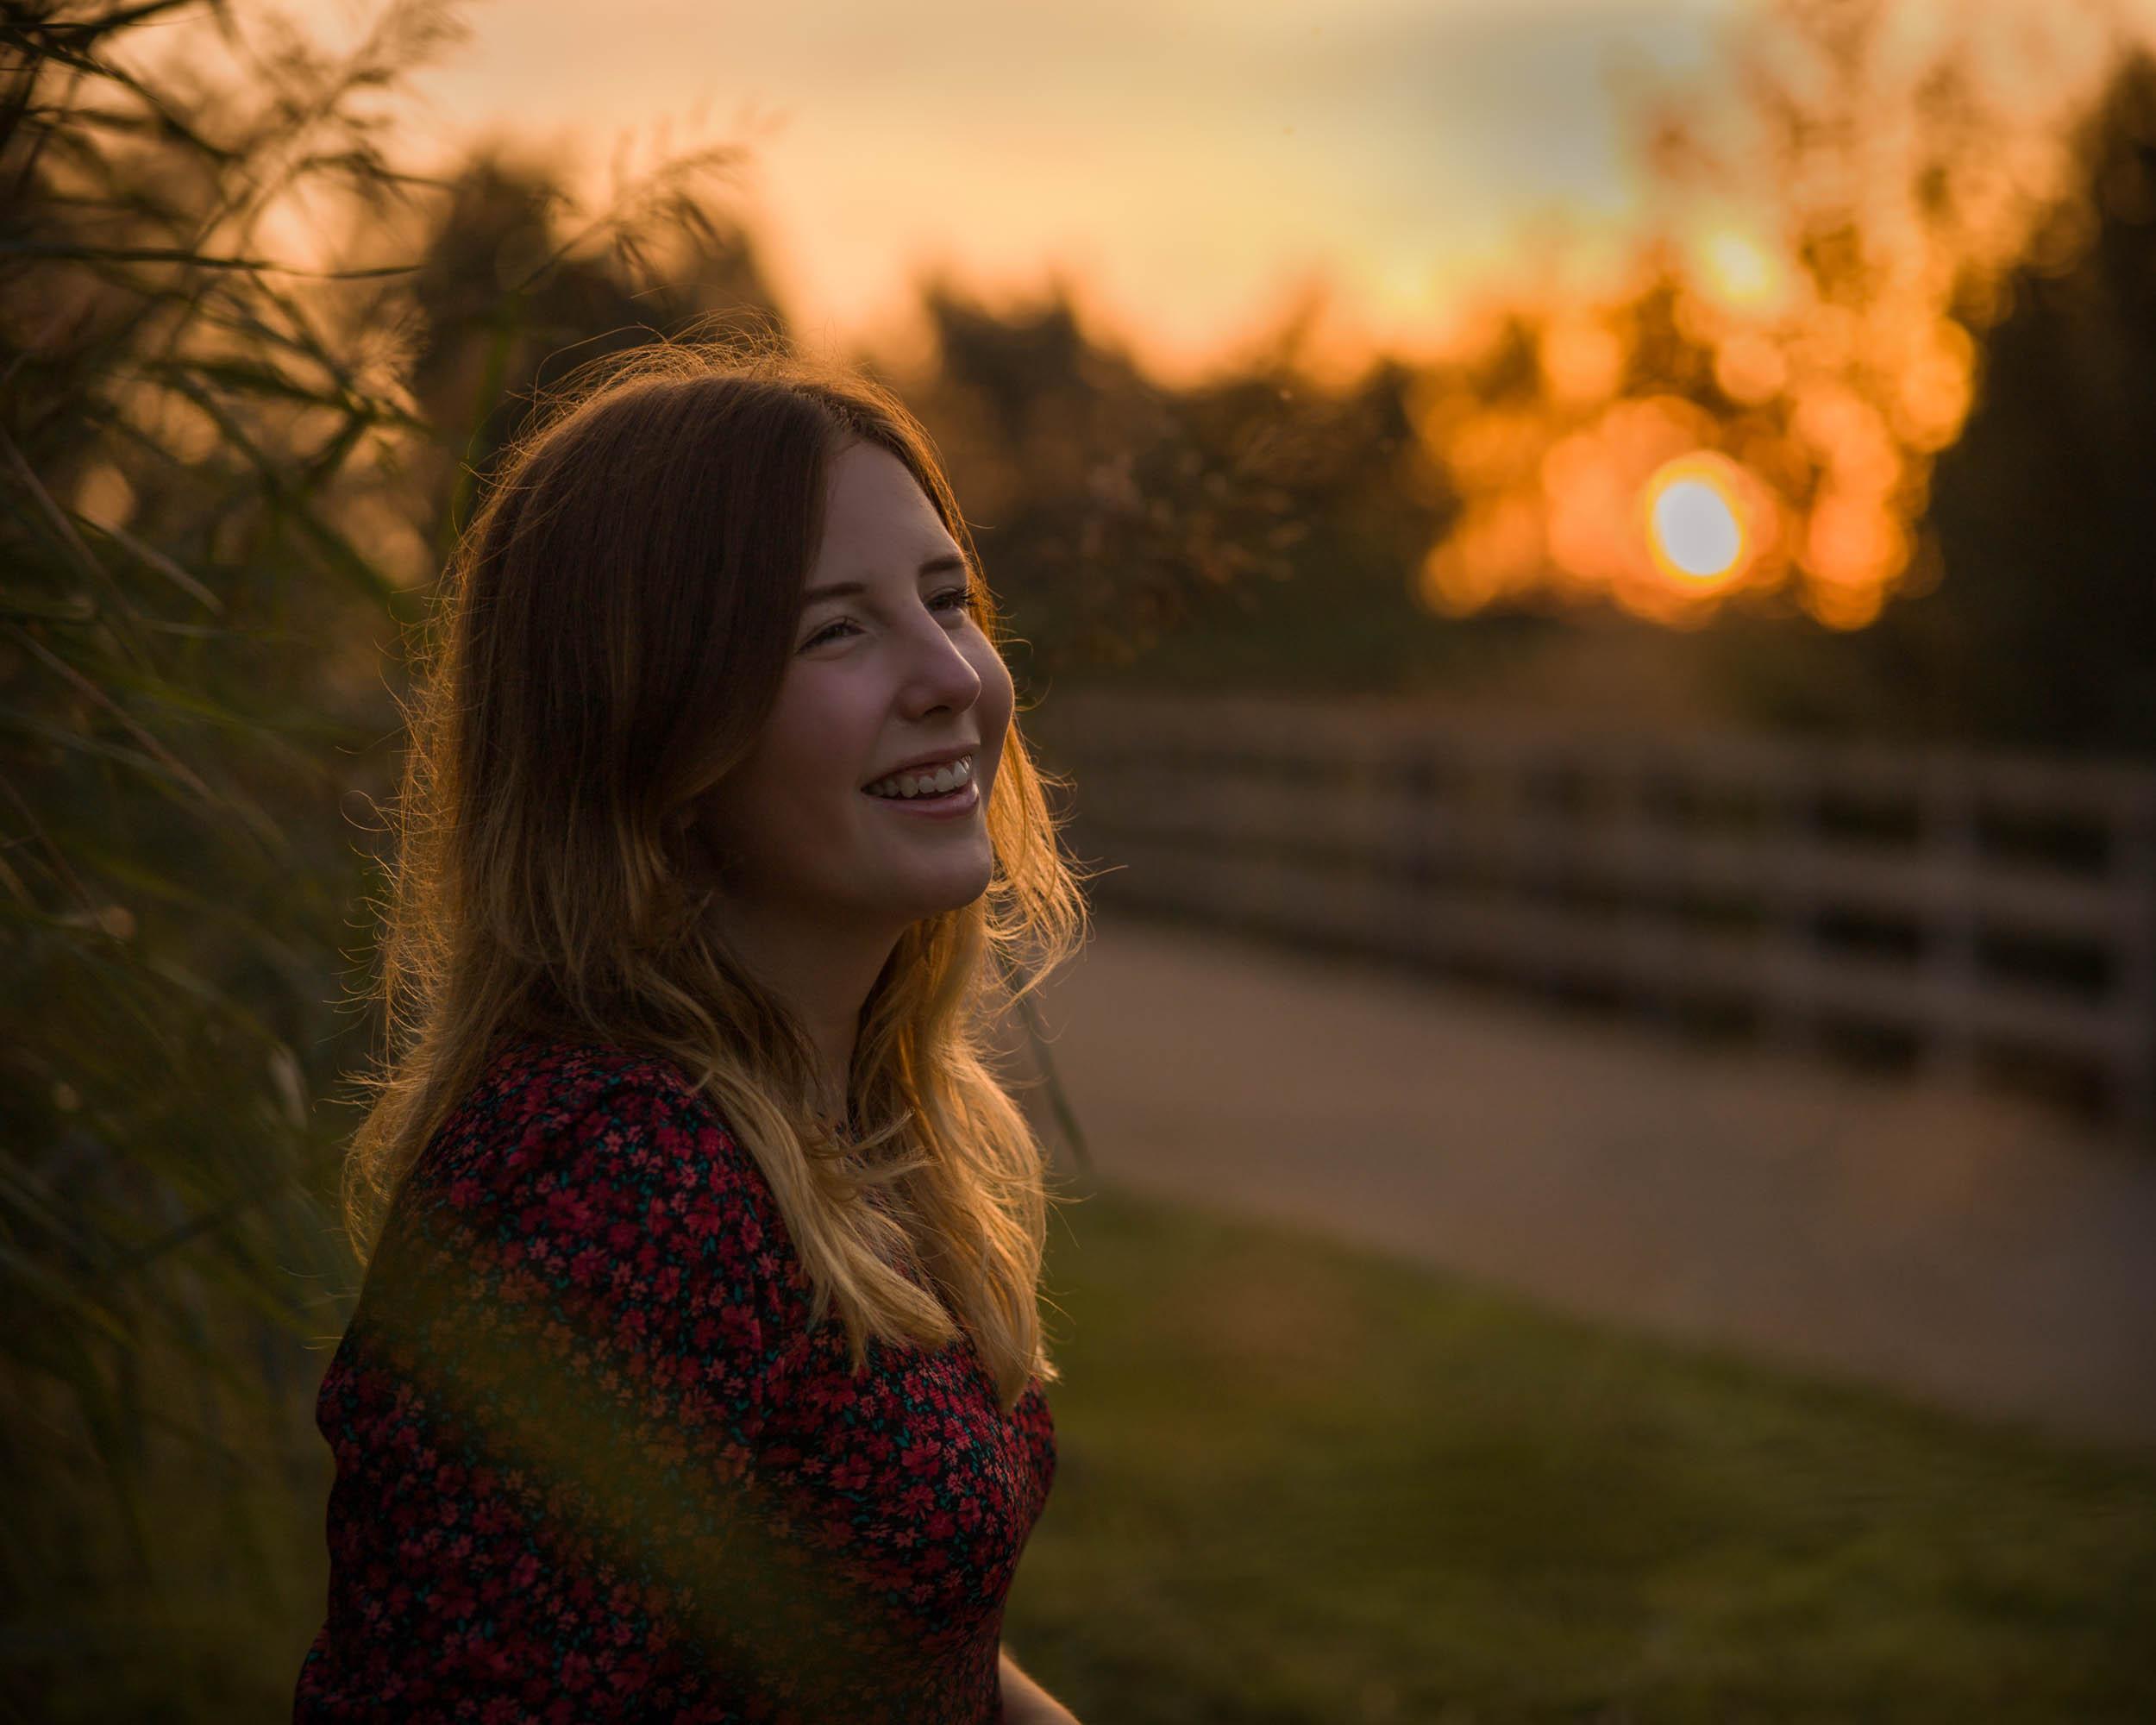 Tiener portretfotograaf in Amersfoort. Tienerportret door Mayra Fotografie. Gouden uur portret